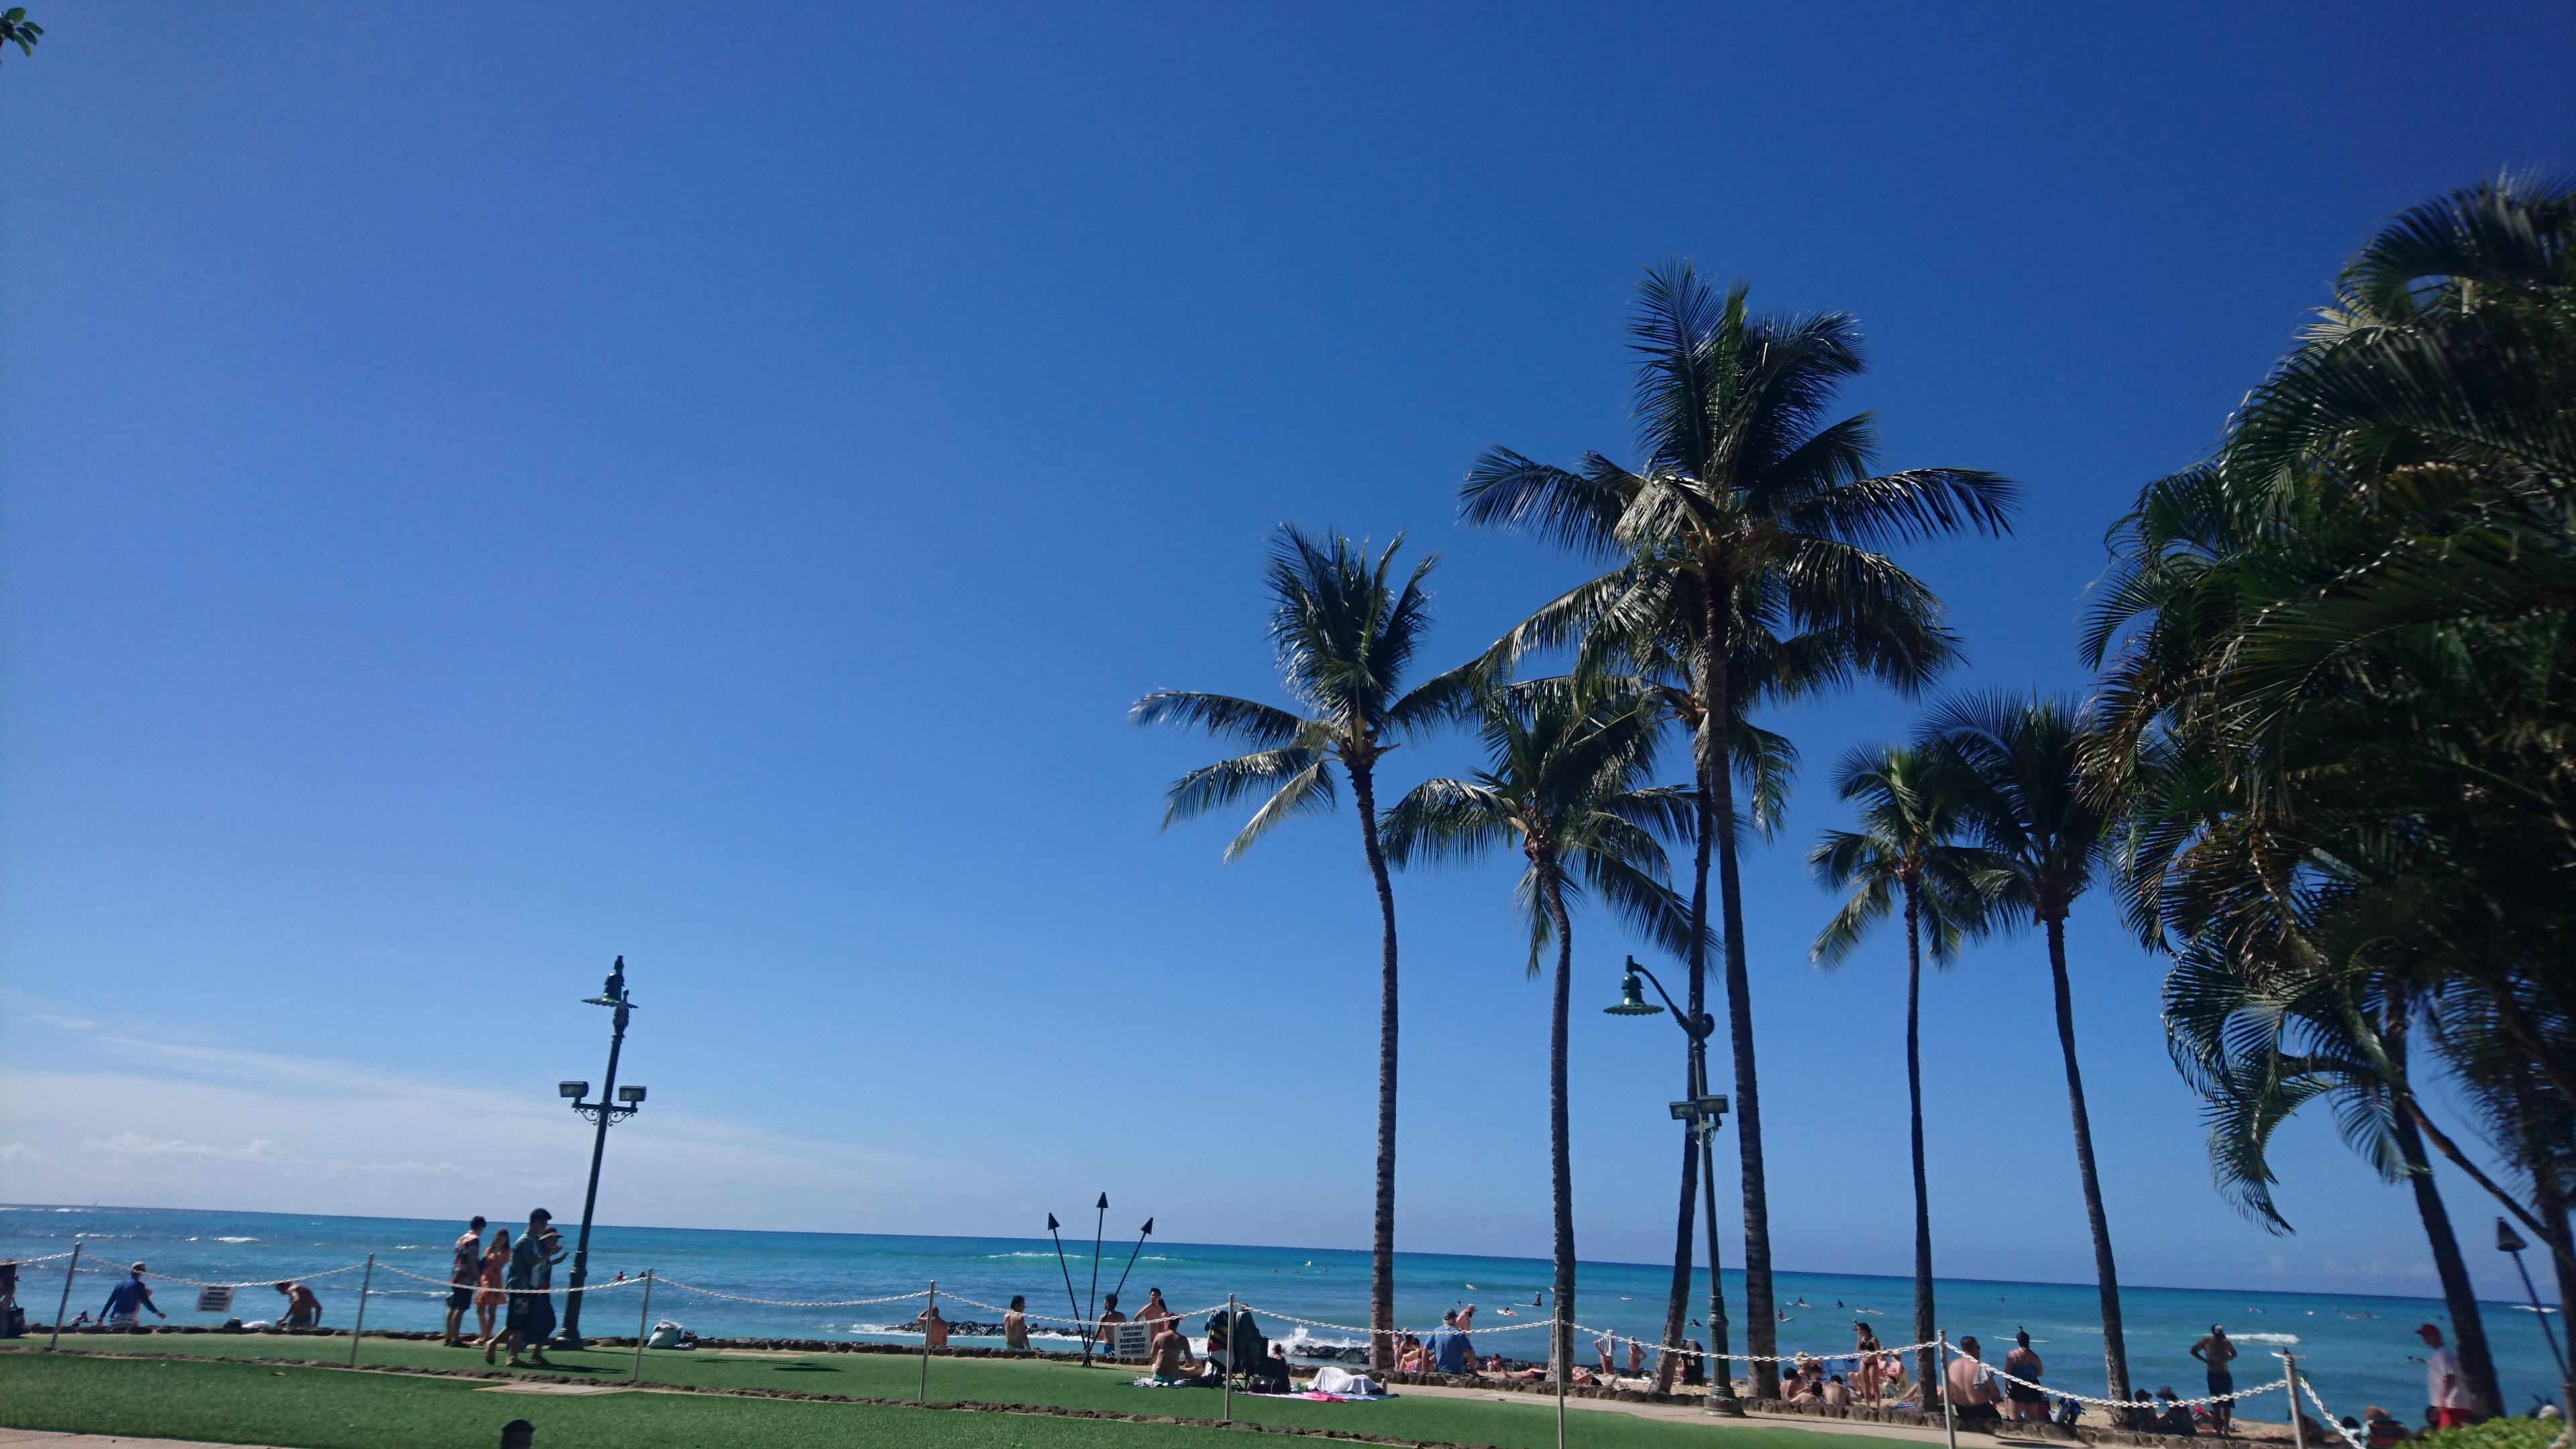 ハワイ・ワイキキ10〜11月の天気は?服装は?思ったより暑かった!